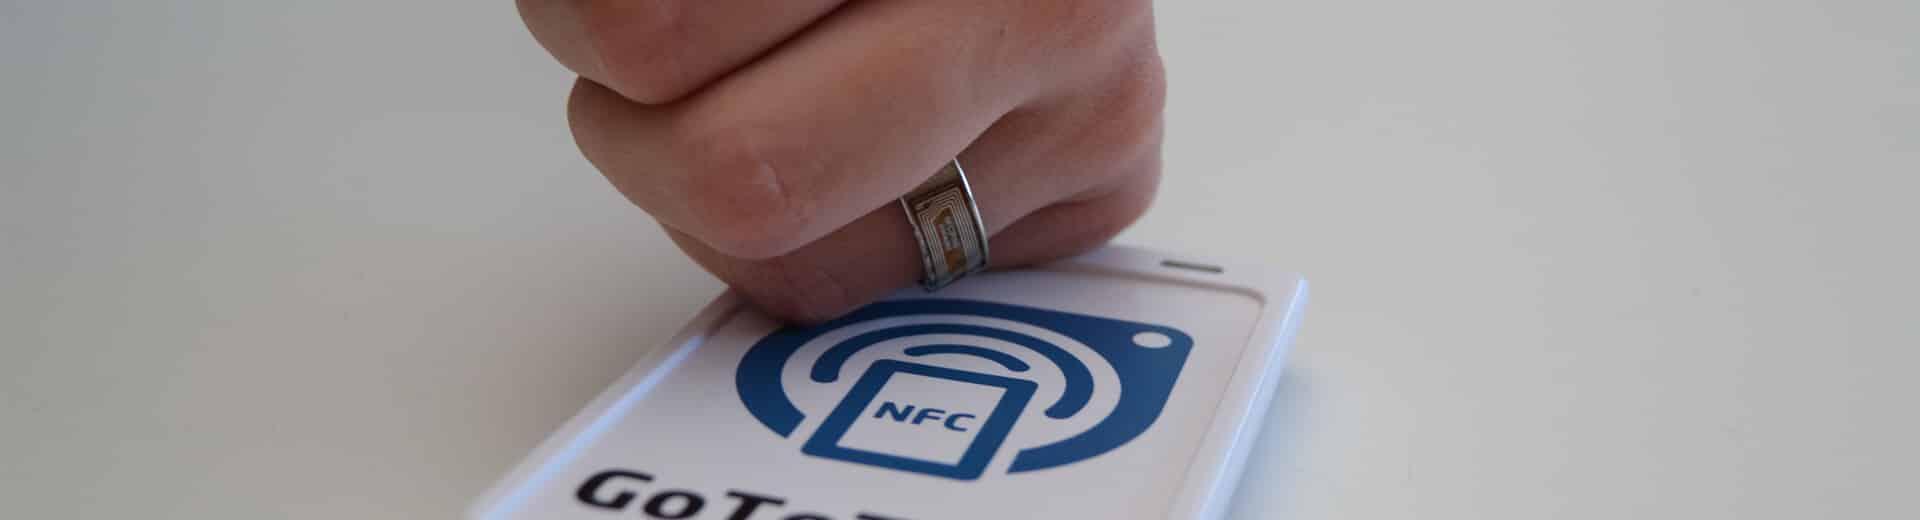 Application tactile NFC échange de données